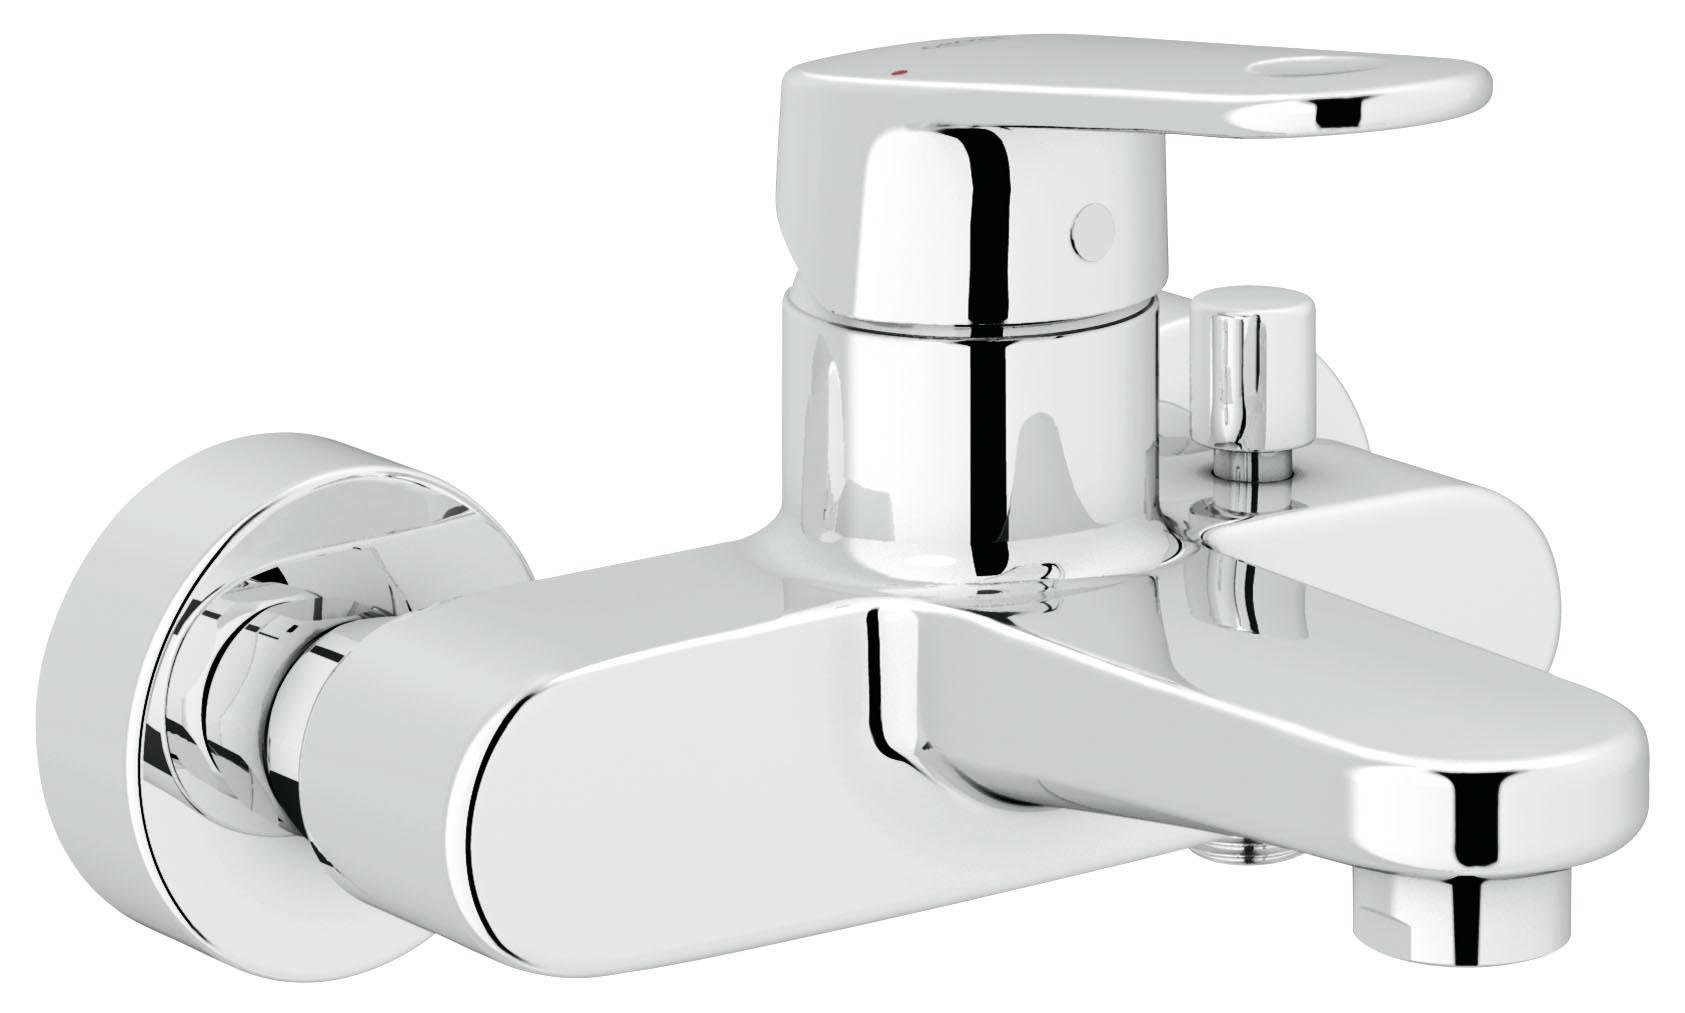 Смеситель для ванны GROHE Europlus (33553002)33553002Настенный монтаж Металлический рычаг GROHE SilkMove керамический картридж O 46 мм GROHE StarLight хромированная поверхность Регулировка расхода воды Возможность установки мин. расхода 2,5 л/мин. Автоматический переключатель: ванна/душ Встроенный обратный клапан в душевом отводе 1/2? Аэратор с функцией SpeedClean Скрытые S-образные эксцентрики Ограничитель температуры С защитой от обратного потока Видео по установке является исключительно информационным. Установка должна проводиться профессионалами!